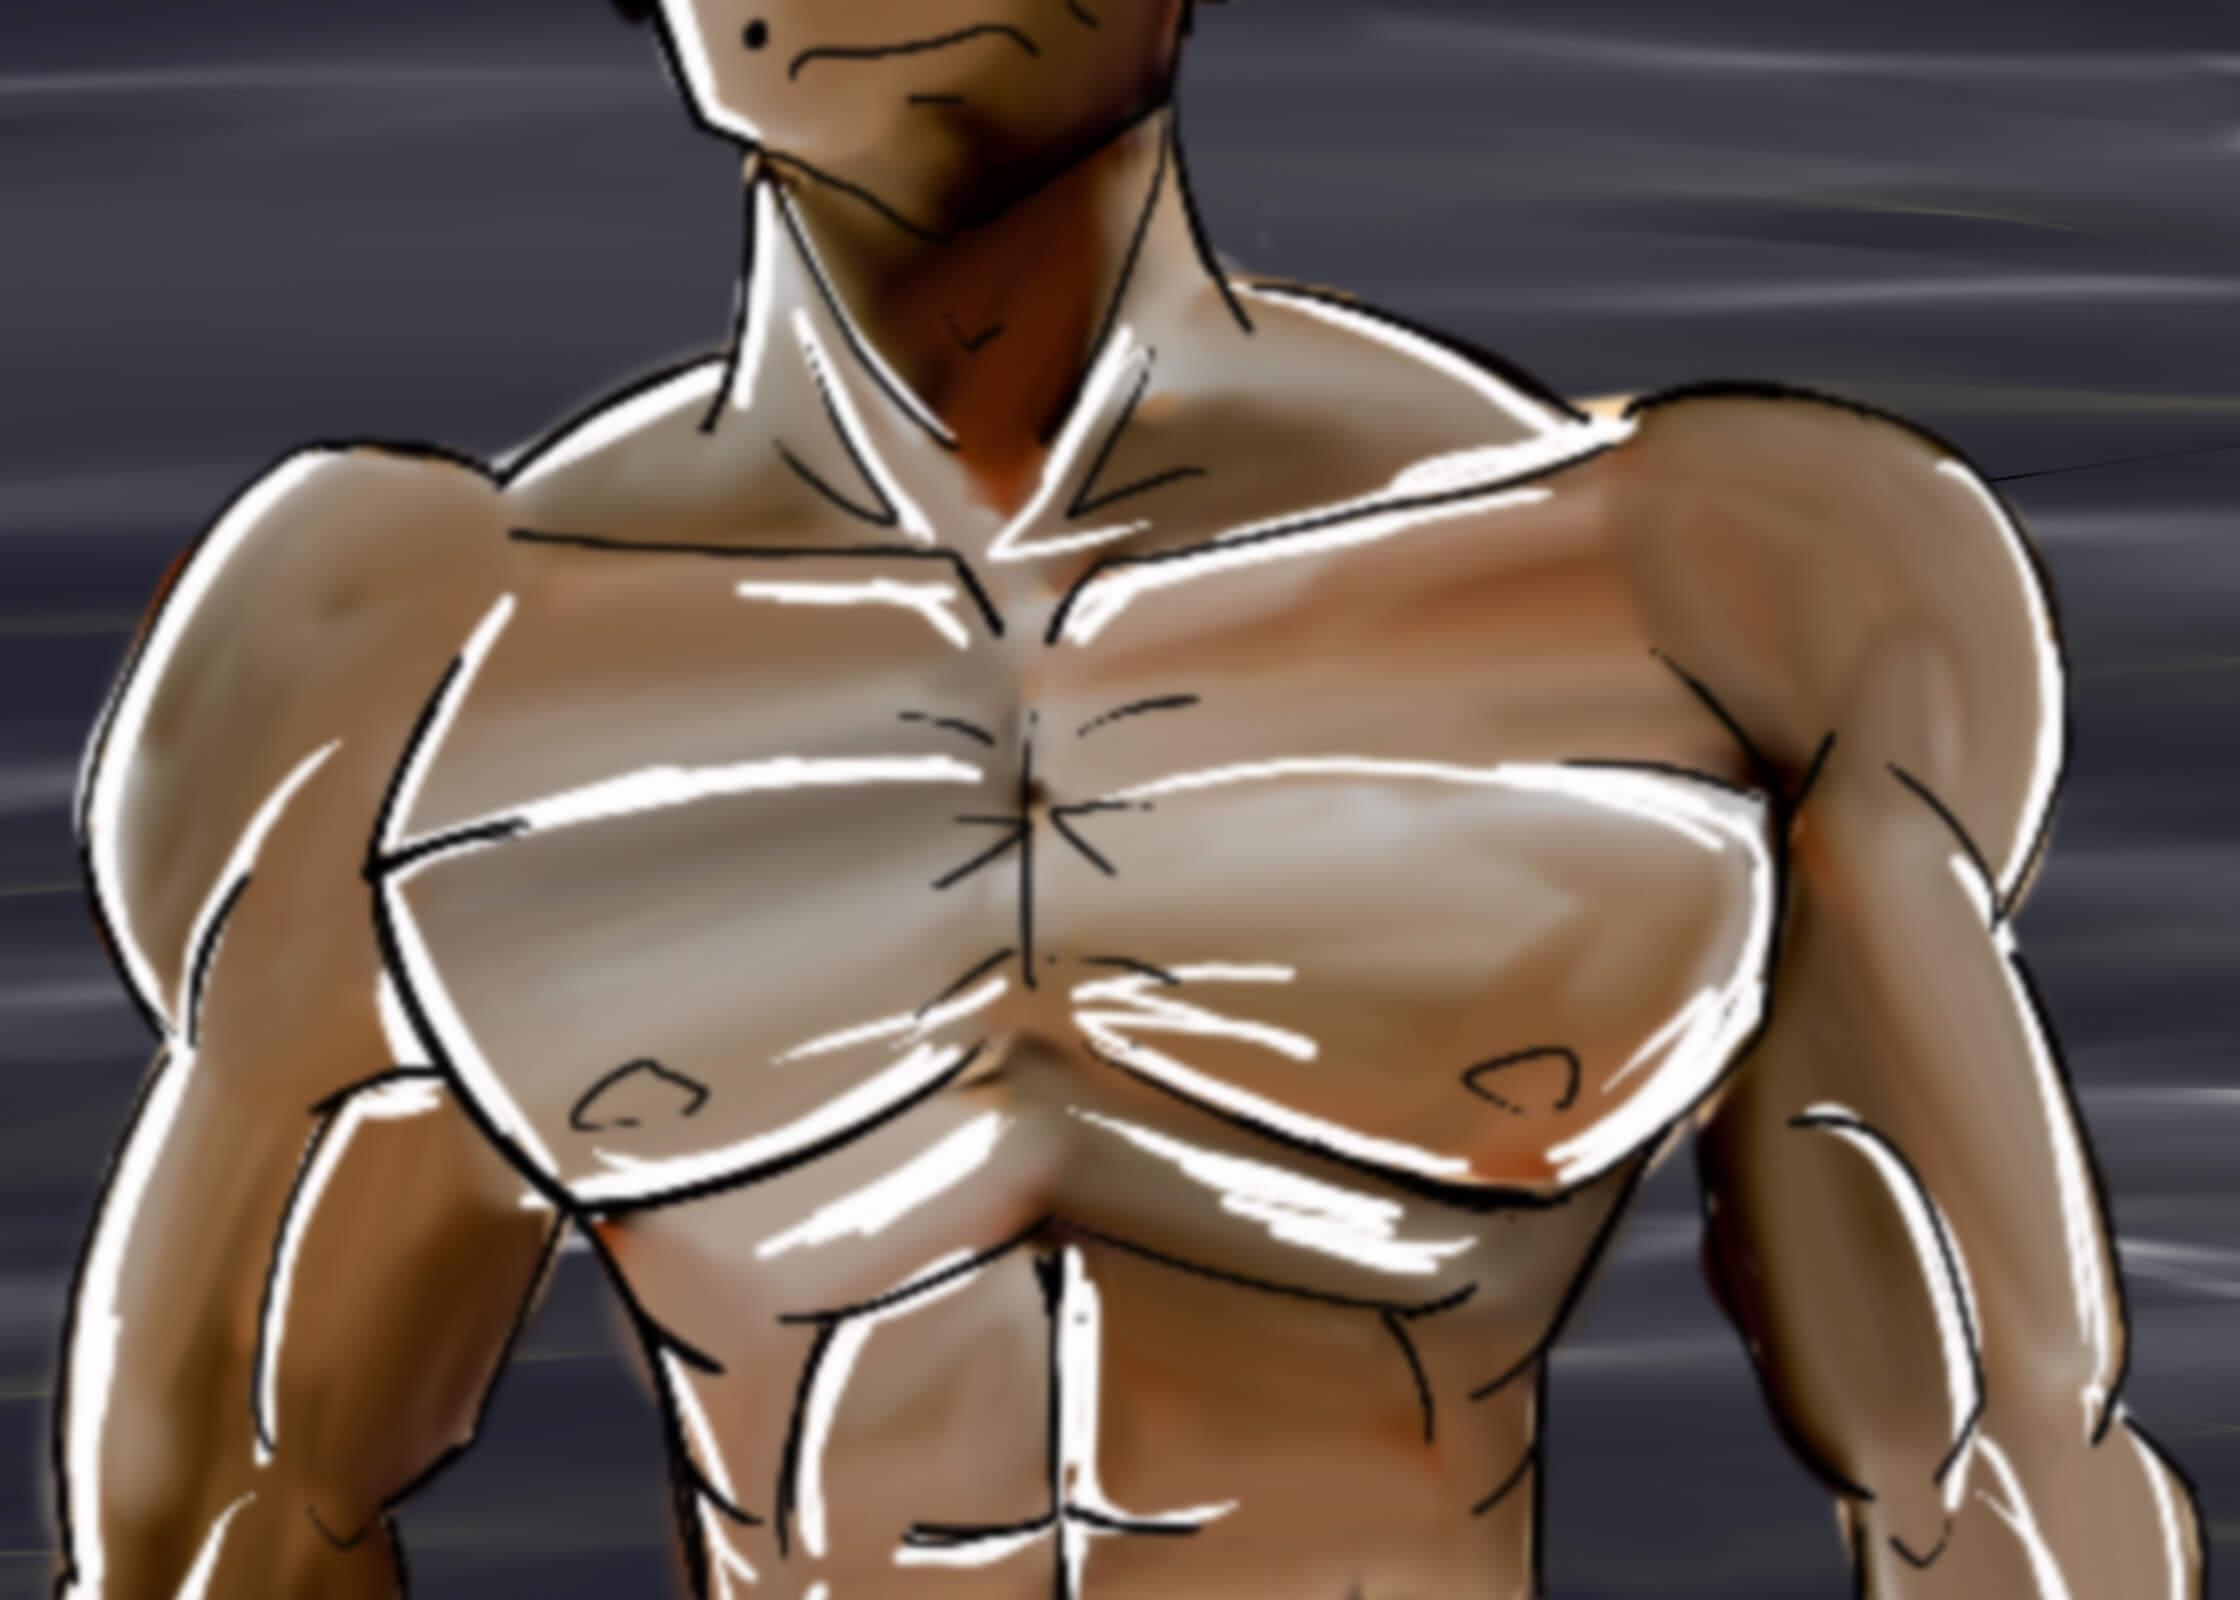 チェストプレスマシンで立体的胸板を作る【筋トレマシンの使い方】